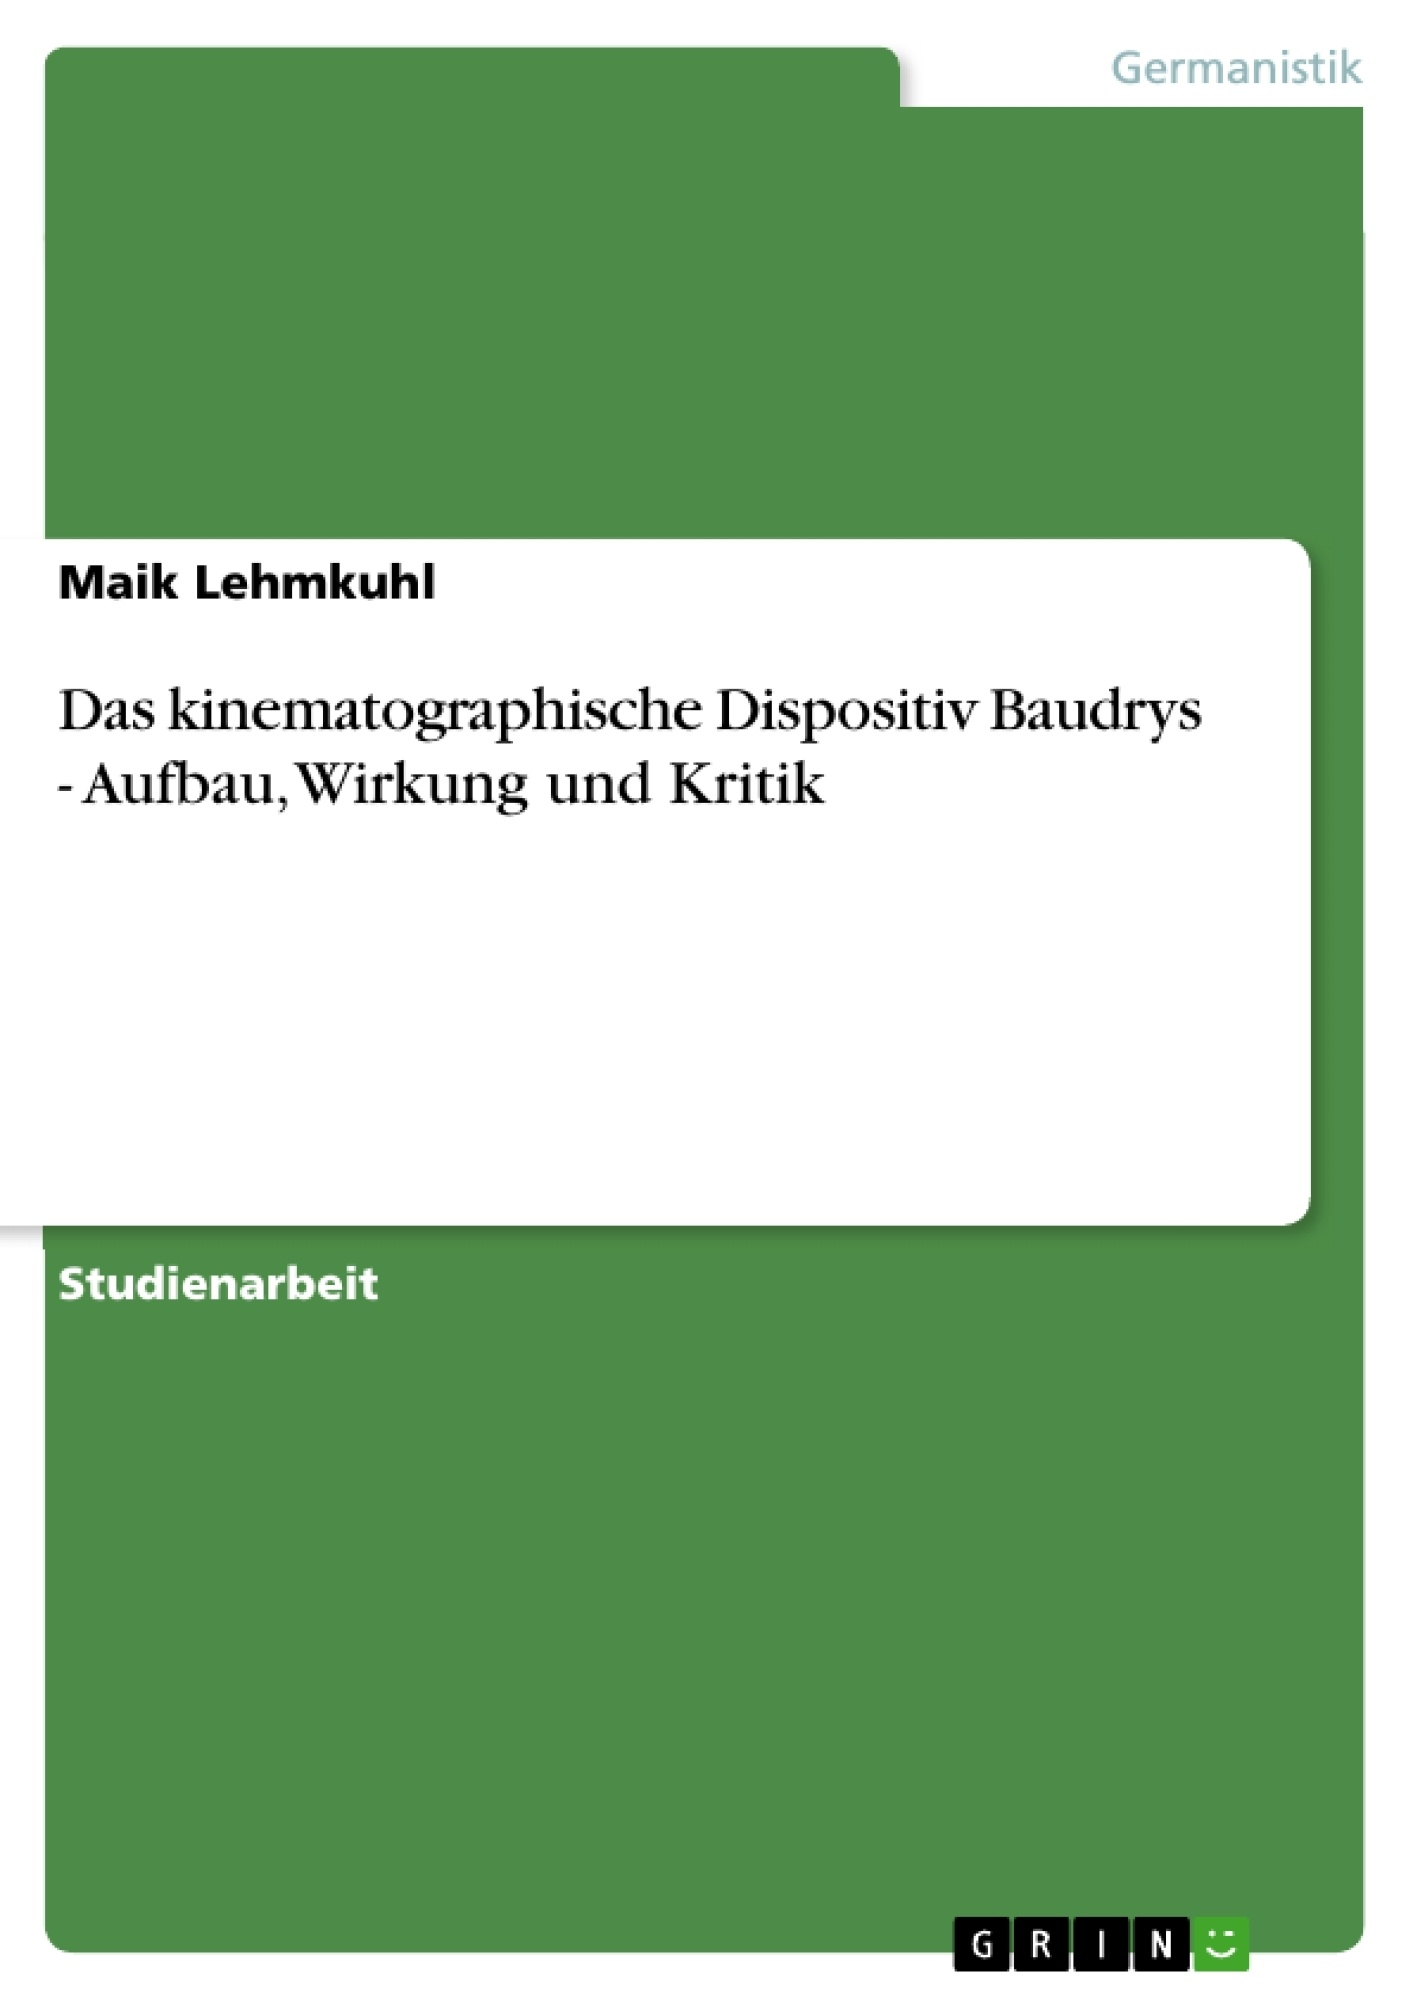 Titel: Das kinematographische Dispositiv Baudrys - Aufbau, Wirkung und Kritik